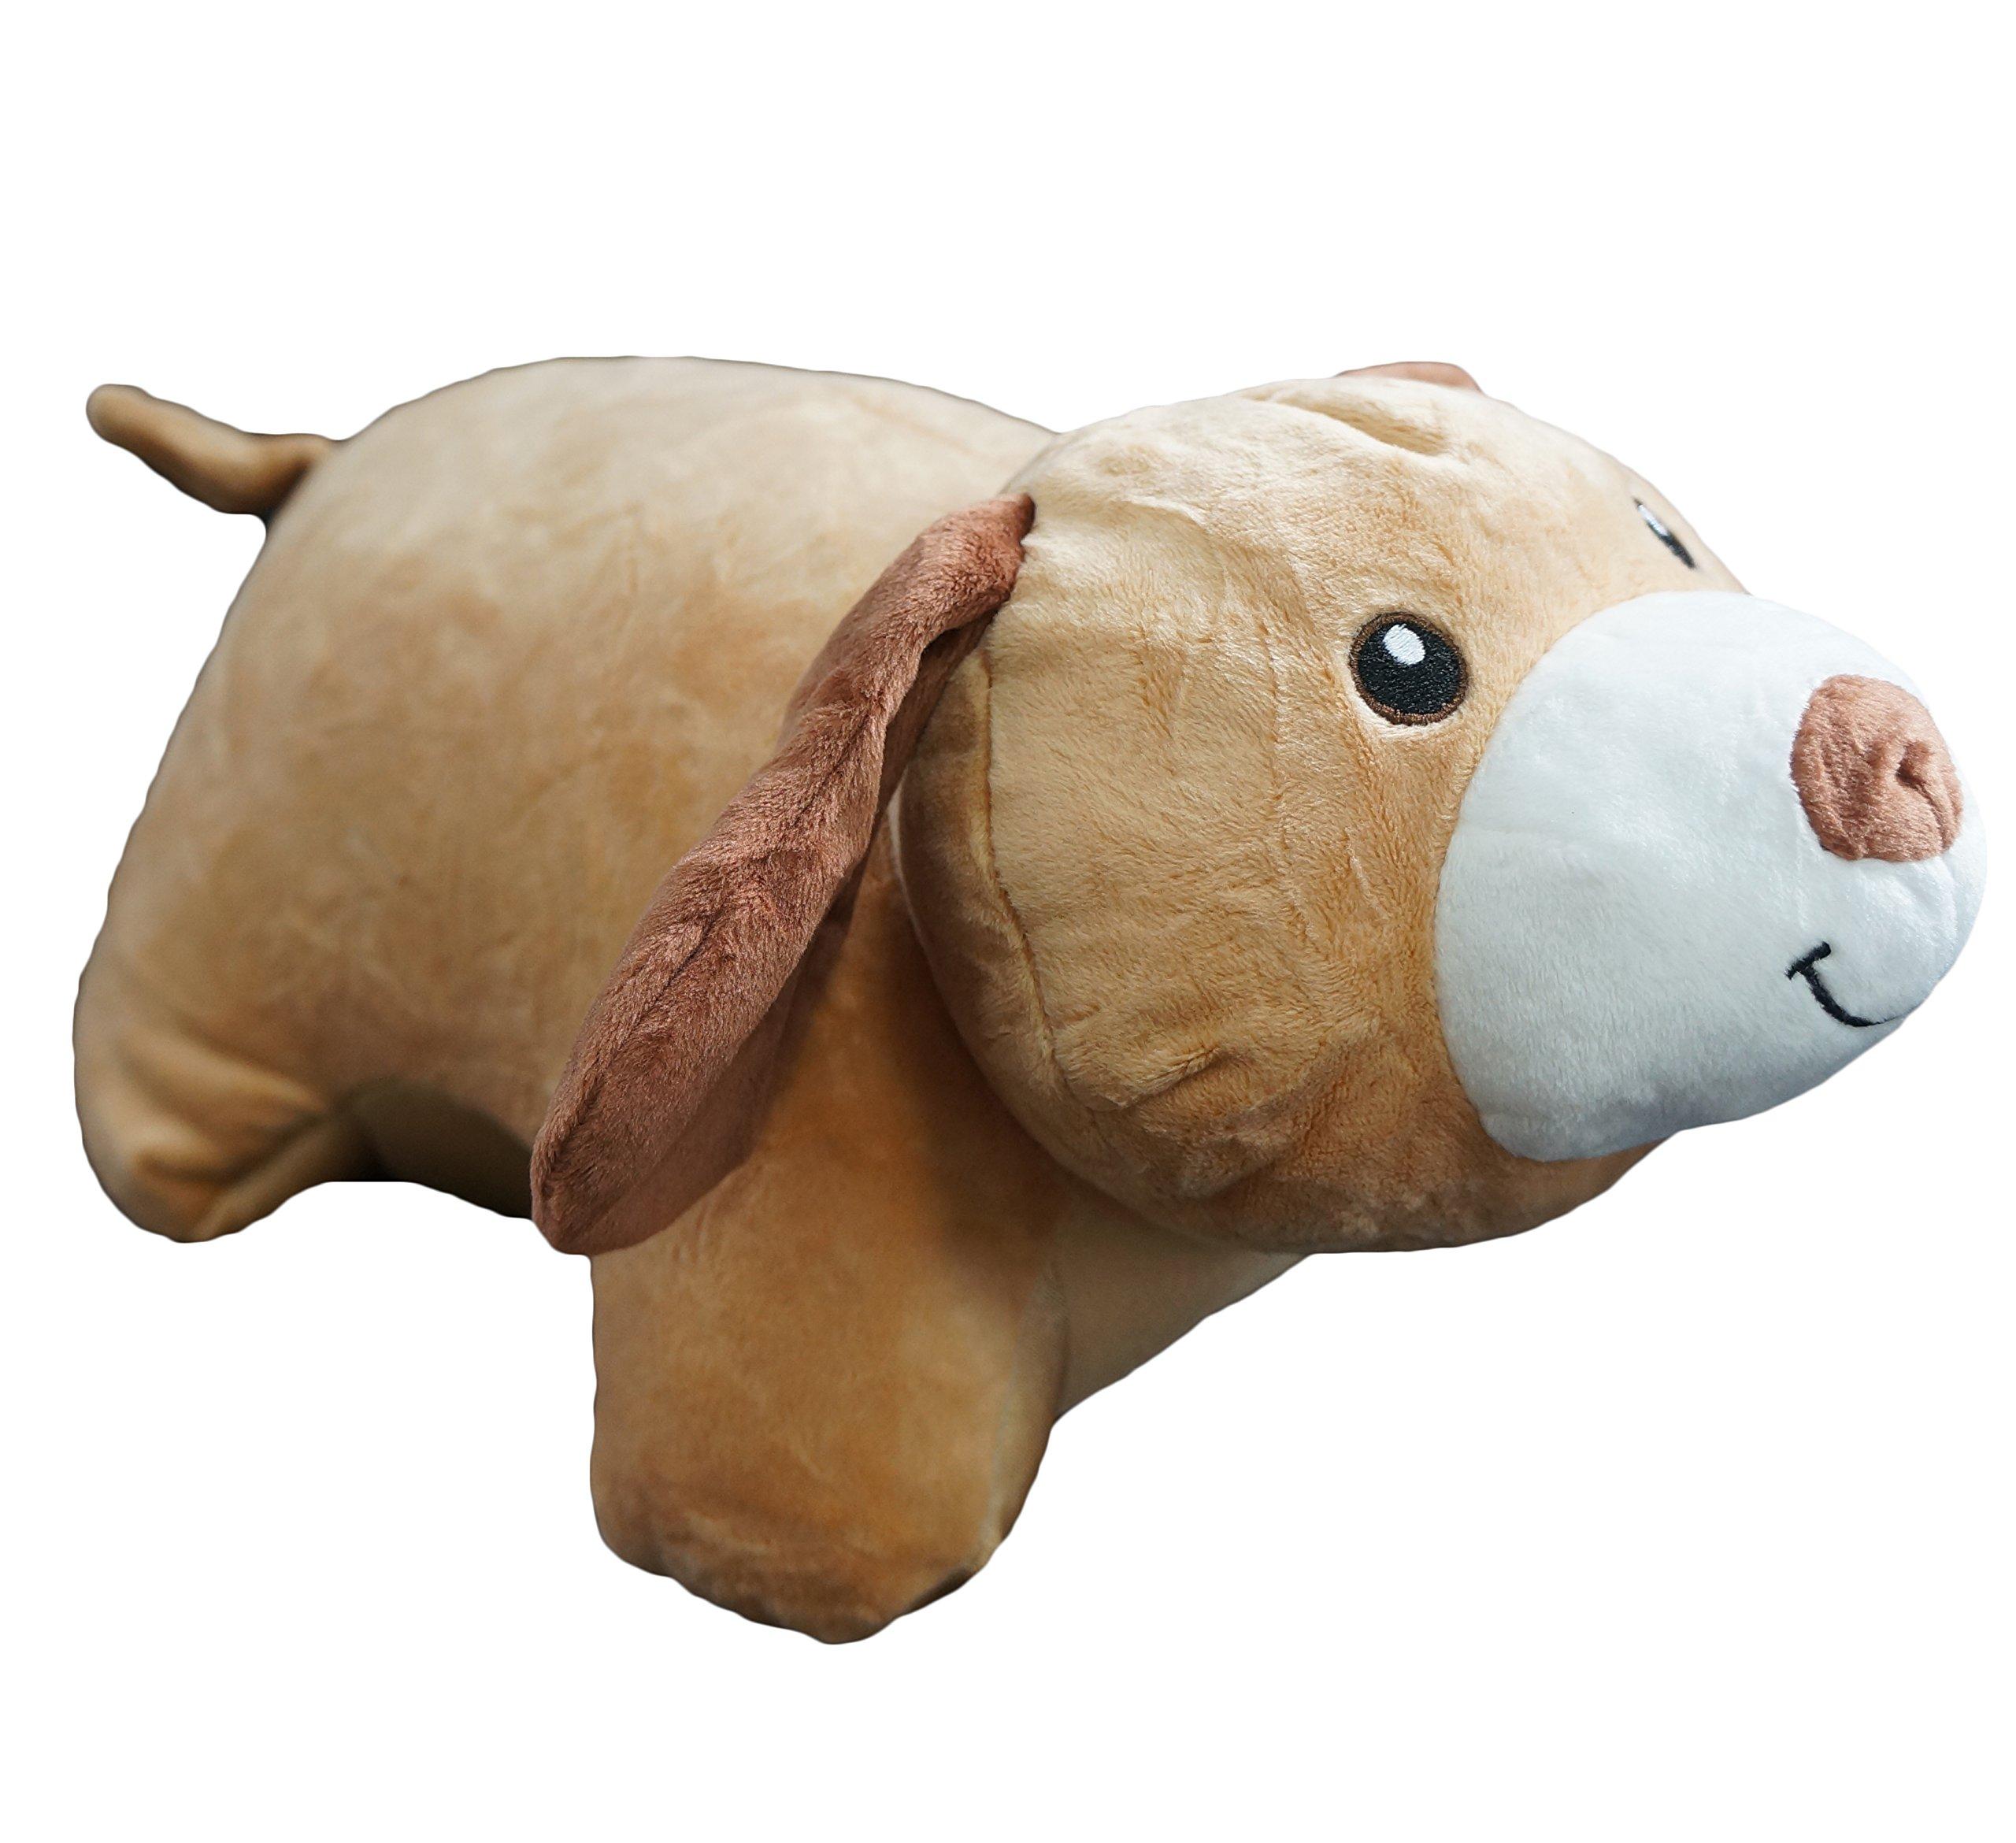 Yzakka Convertible Neck Pillow U Shaped Travel Pillow Stuffed Plush Toy Animal Dog by Yzakka (Image #2)